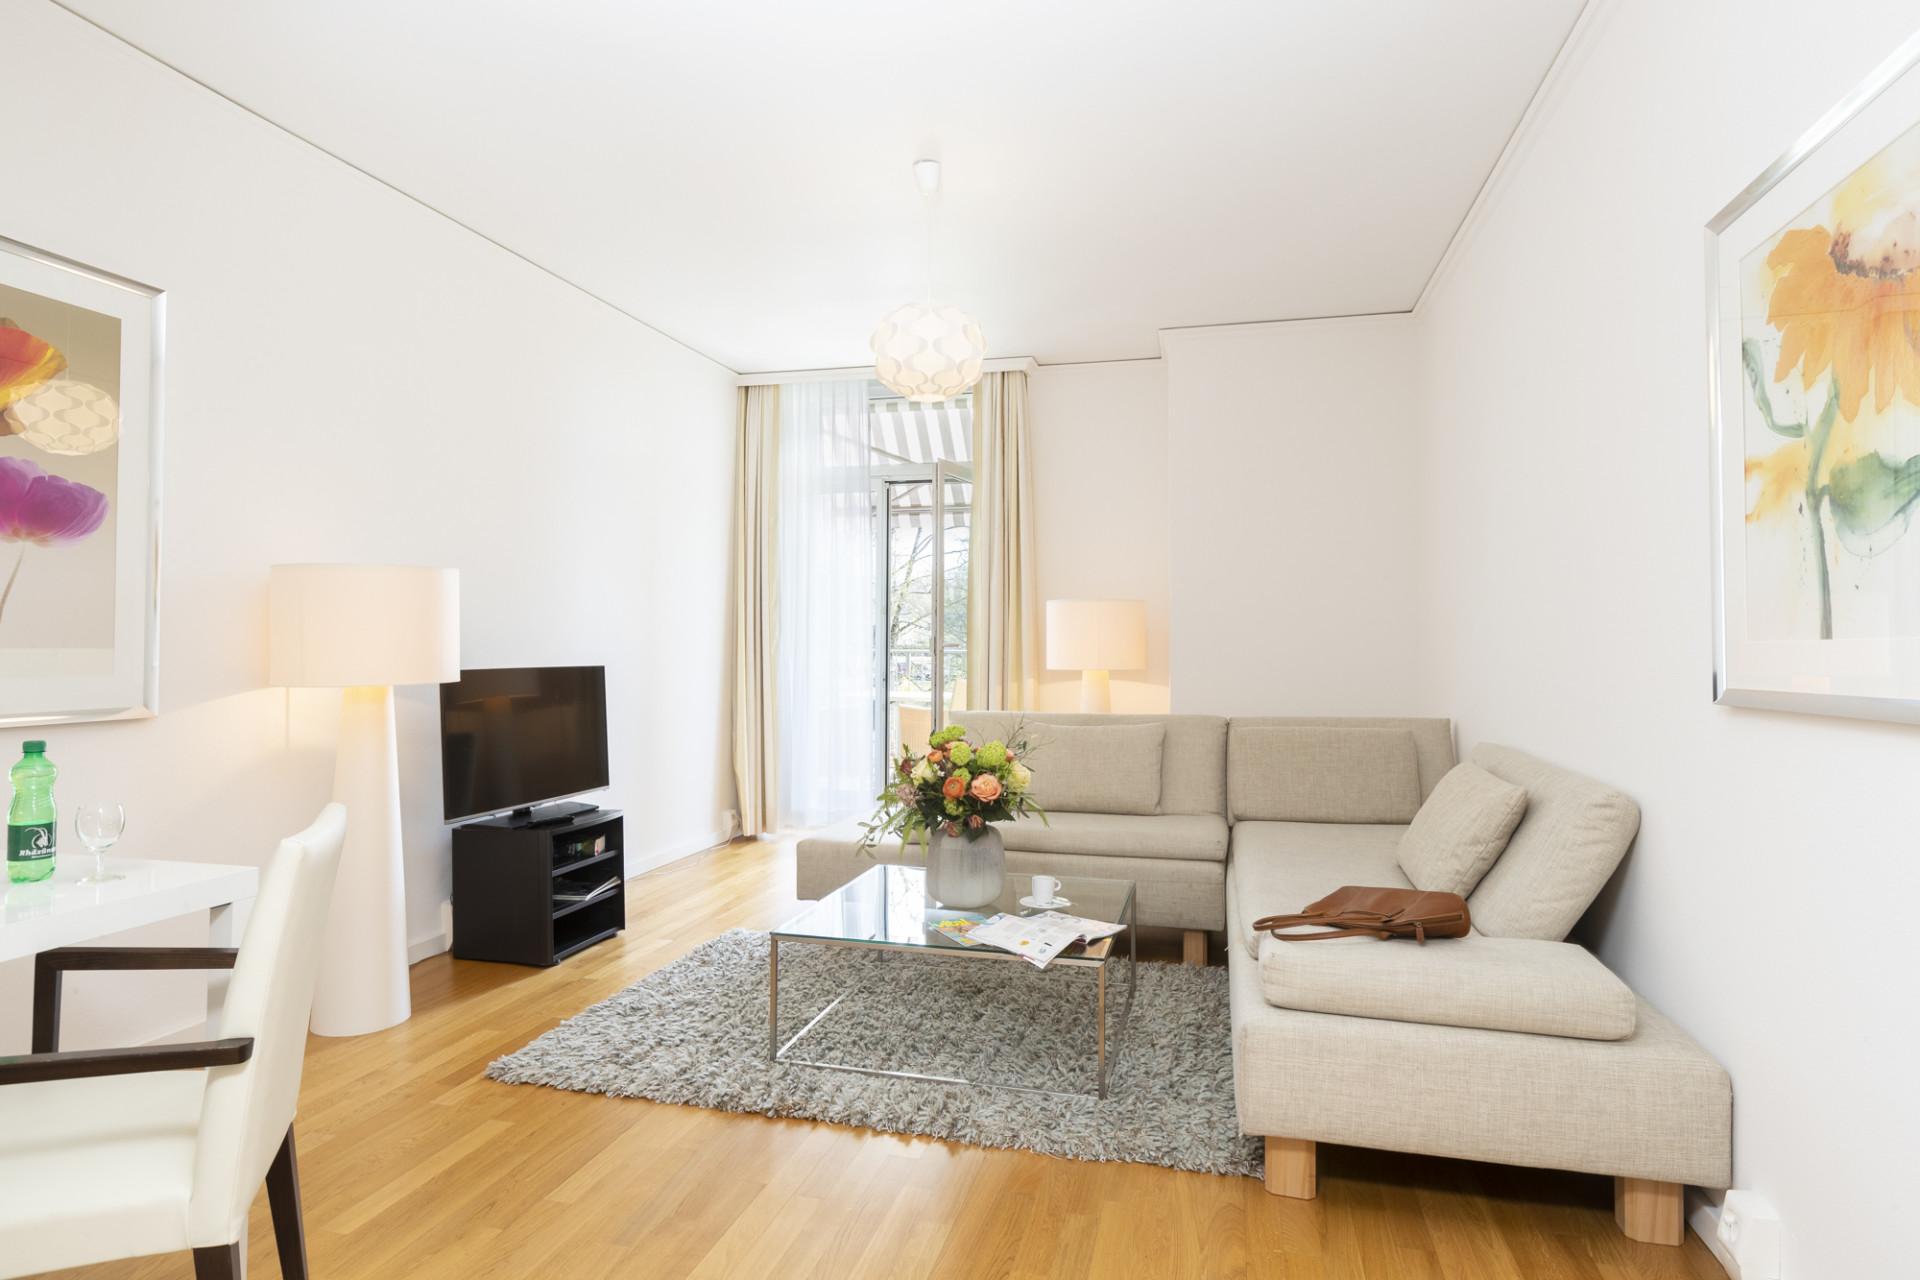 Wohnzimmer einer Junior-Suite im Park-Hotel am Rhein